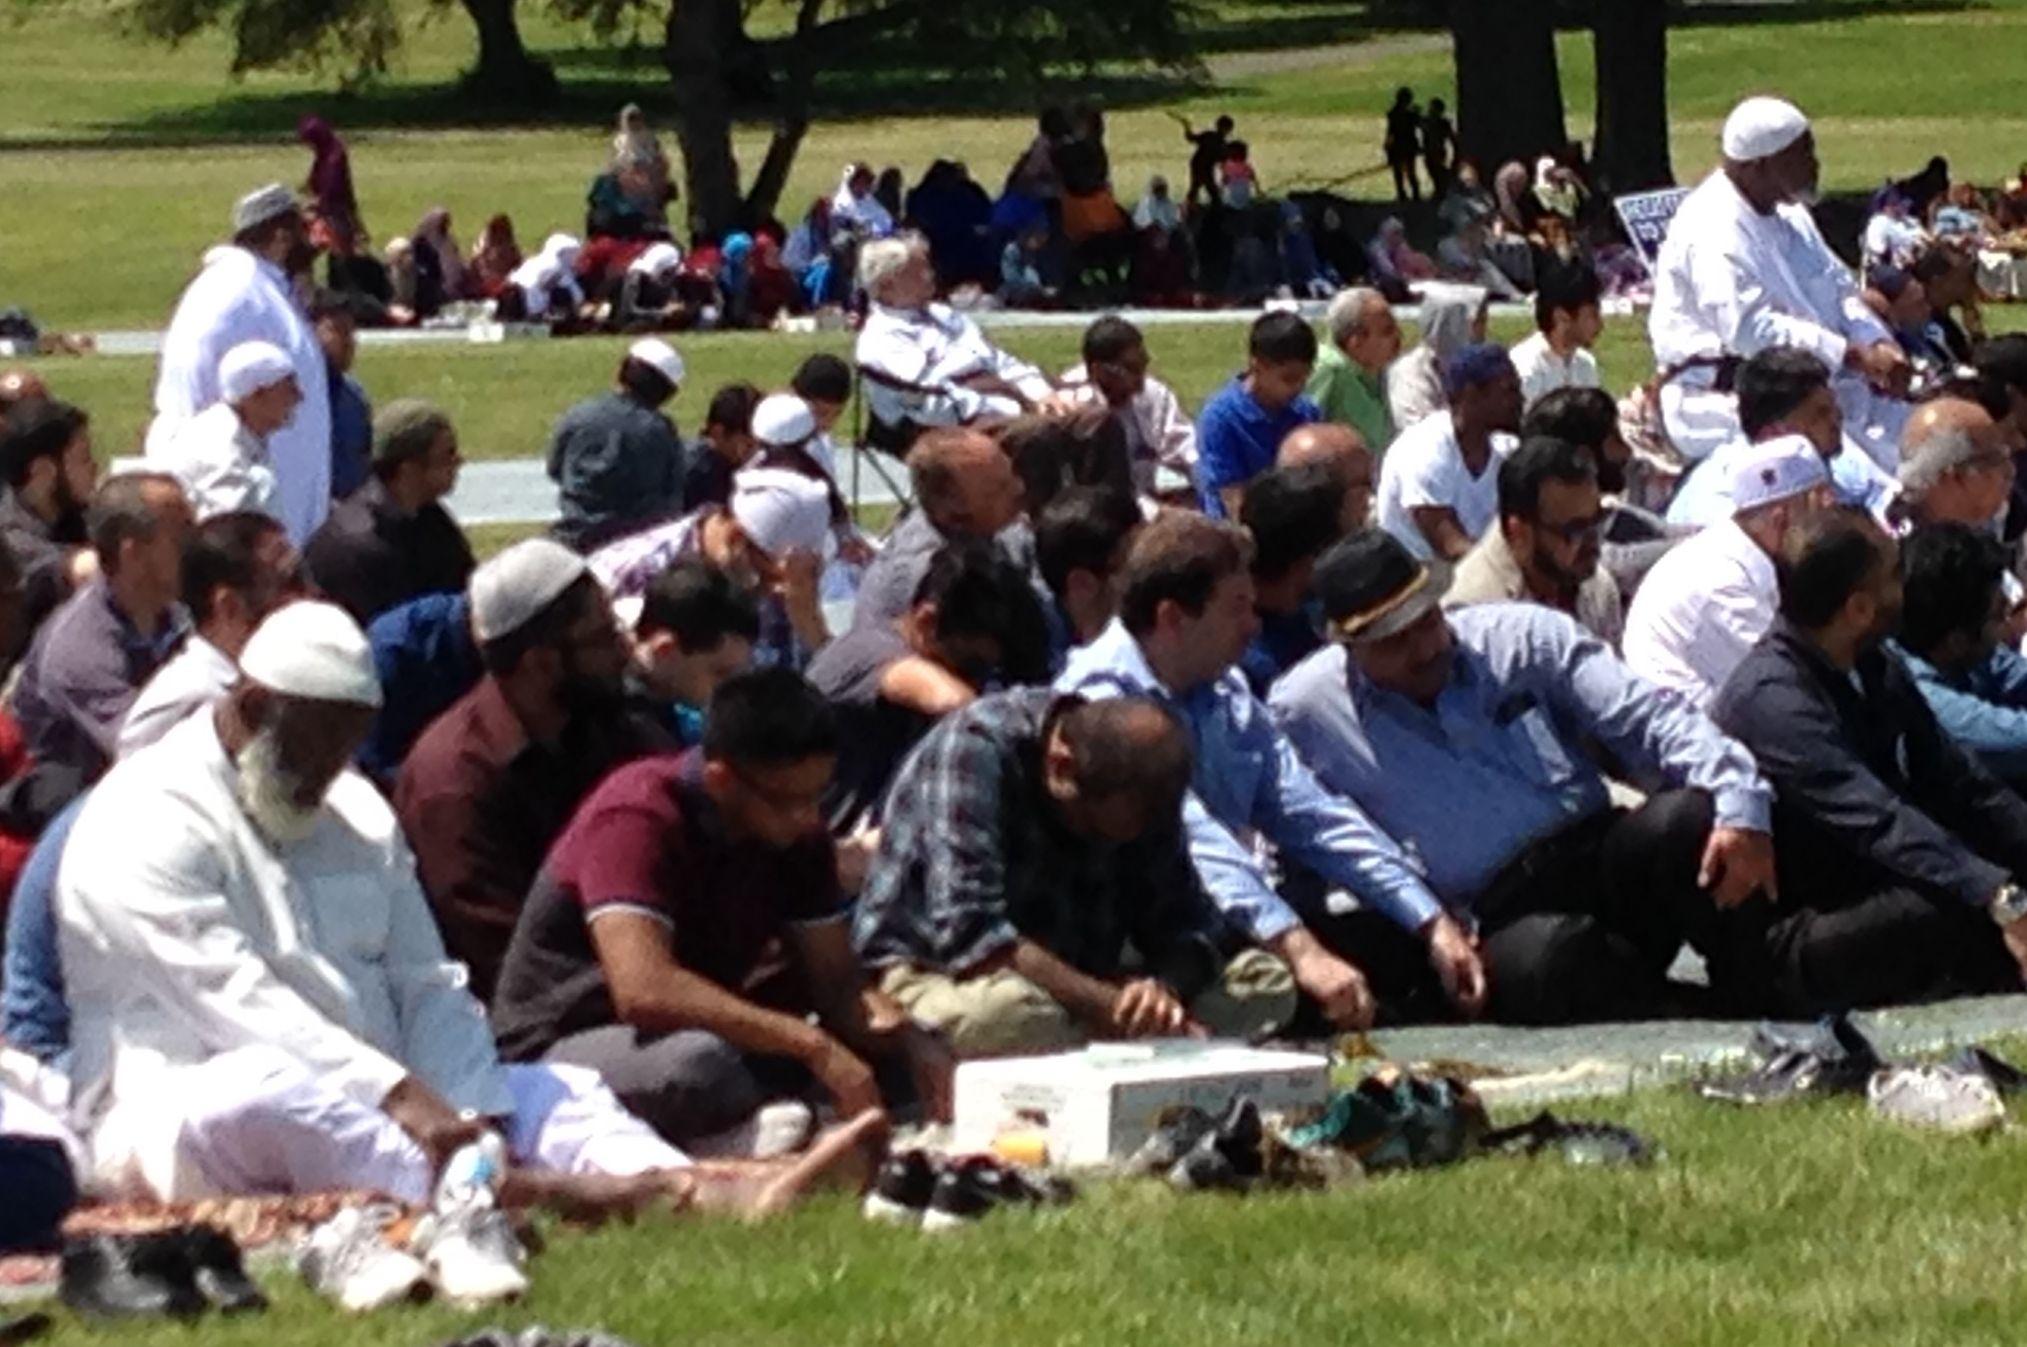 muslim single women in oak ridge Muslim matrimonial canada, single muslim in canada, canadian muslim website, canadian matrimony for muslims, single muslims in canada, single muslim girls in canada, single men in cnada.